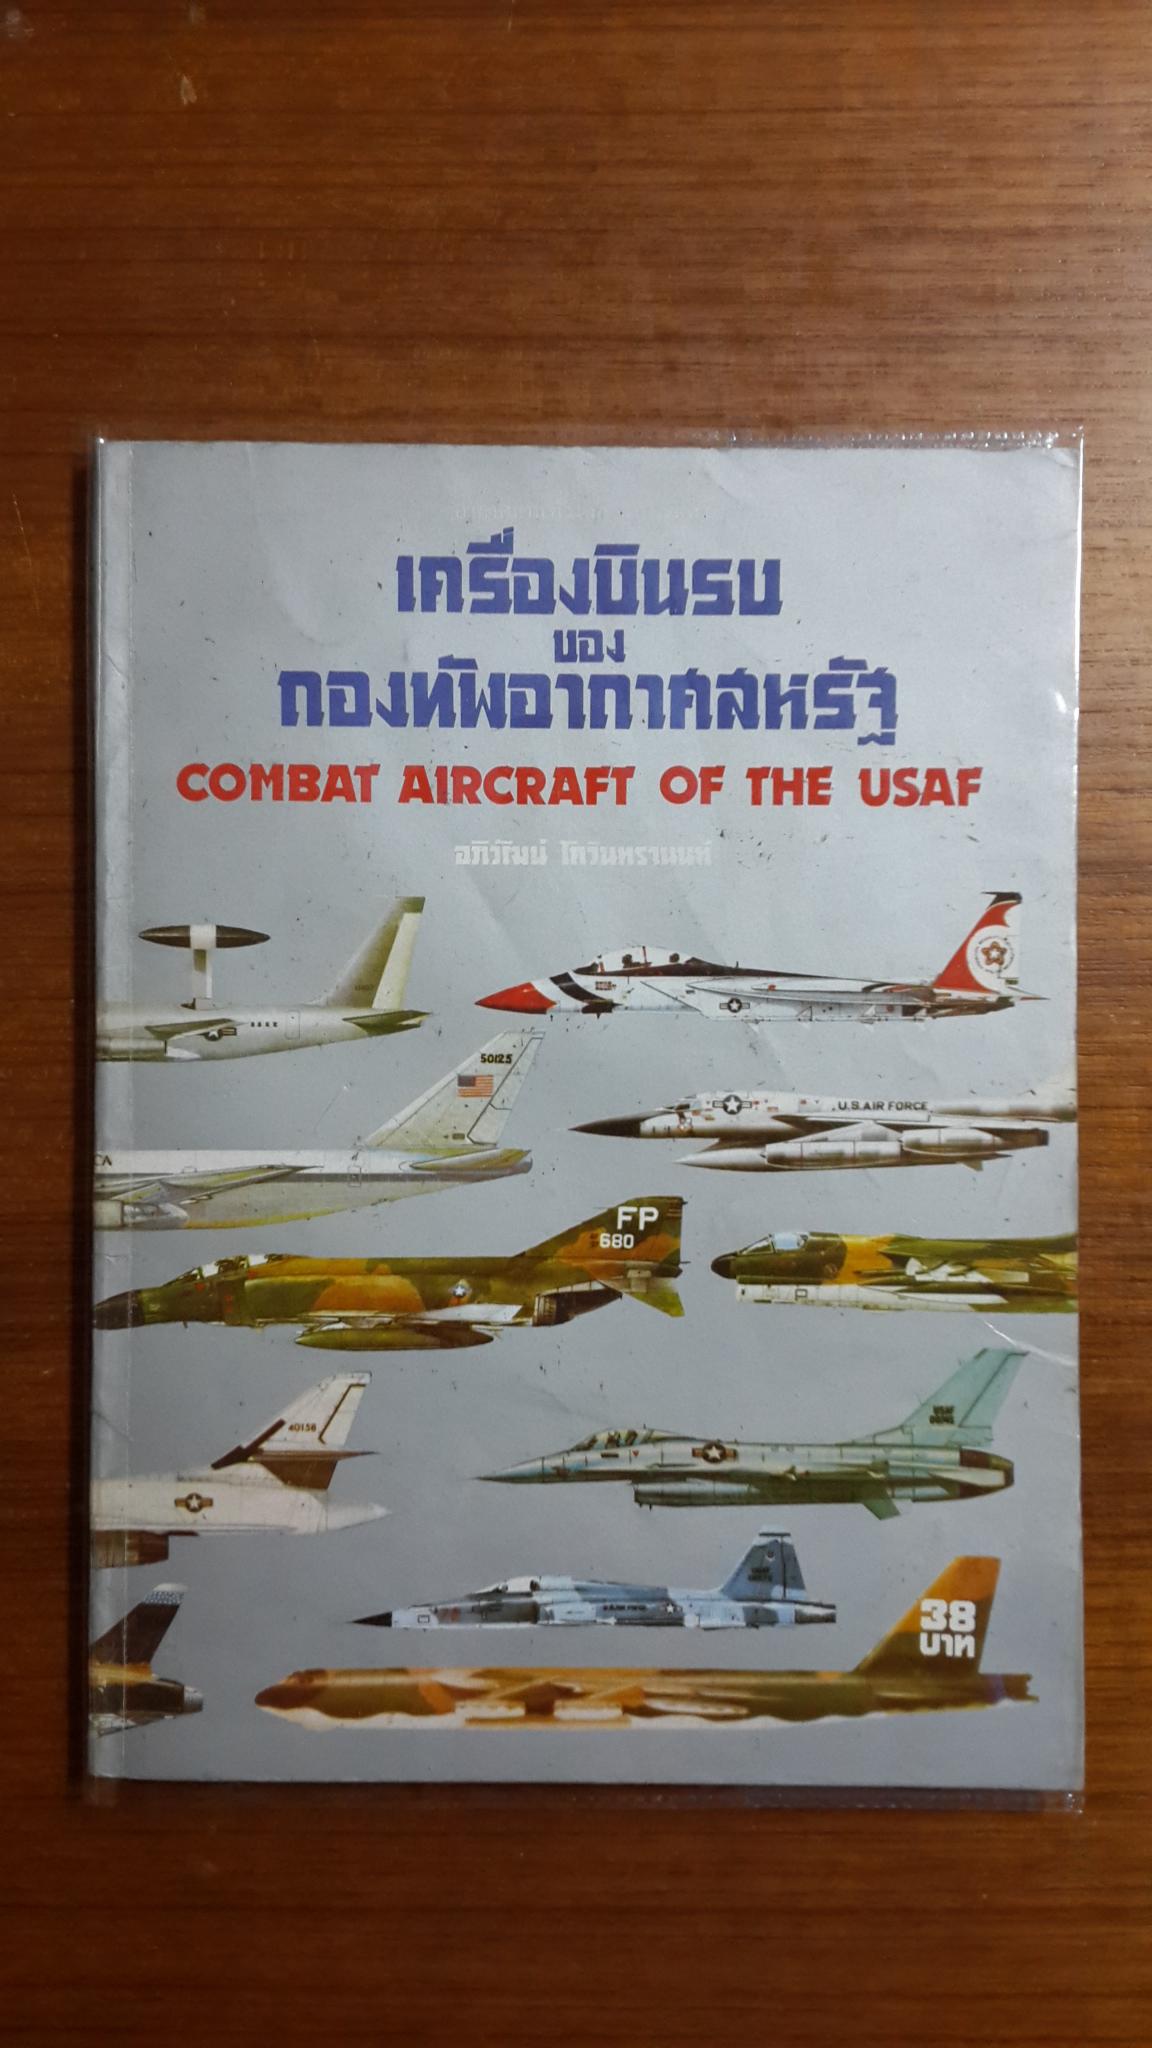 เครื่องบินรบของกองทัพอากาศสหรัฐ / อภิวัฒน์ โกวินทรานนท์